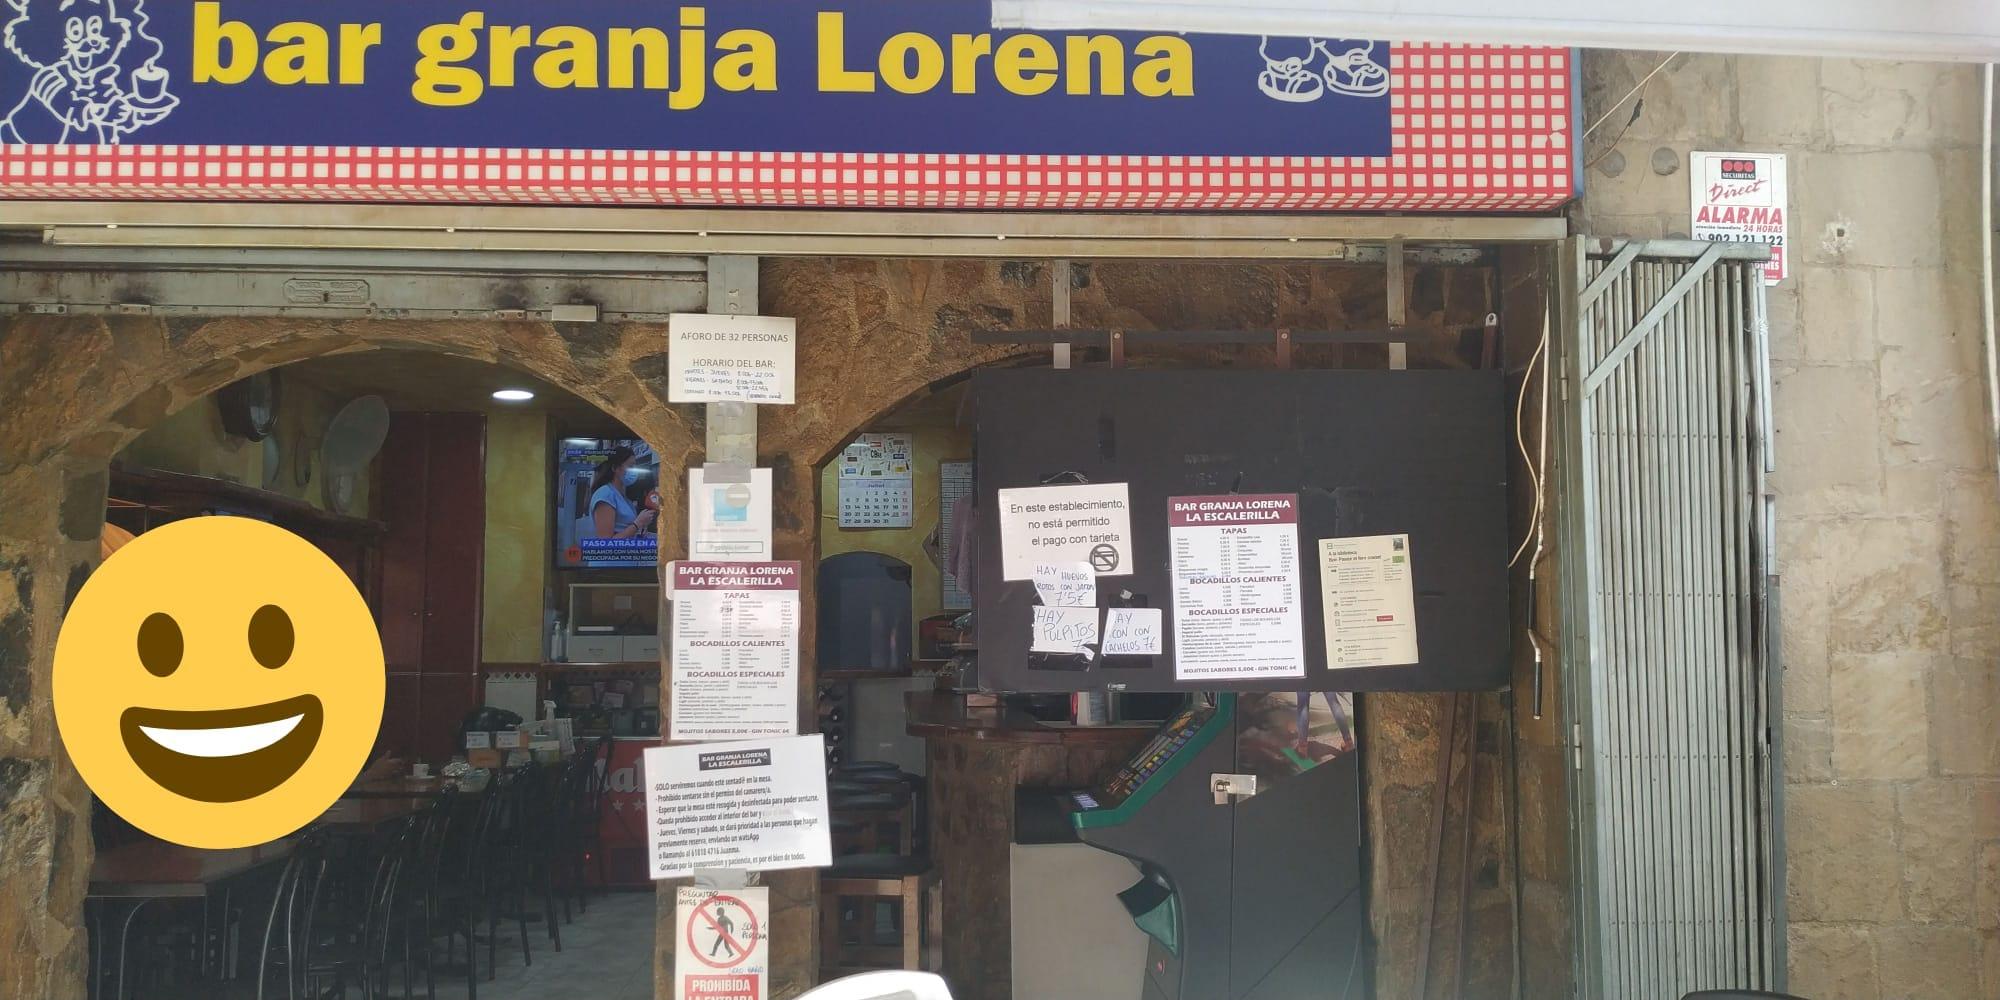 Granja Lorena